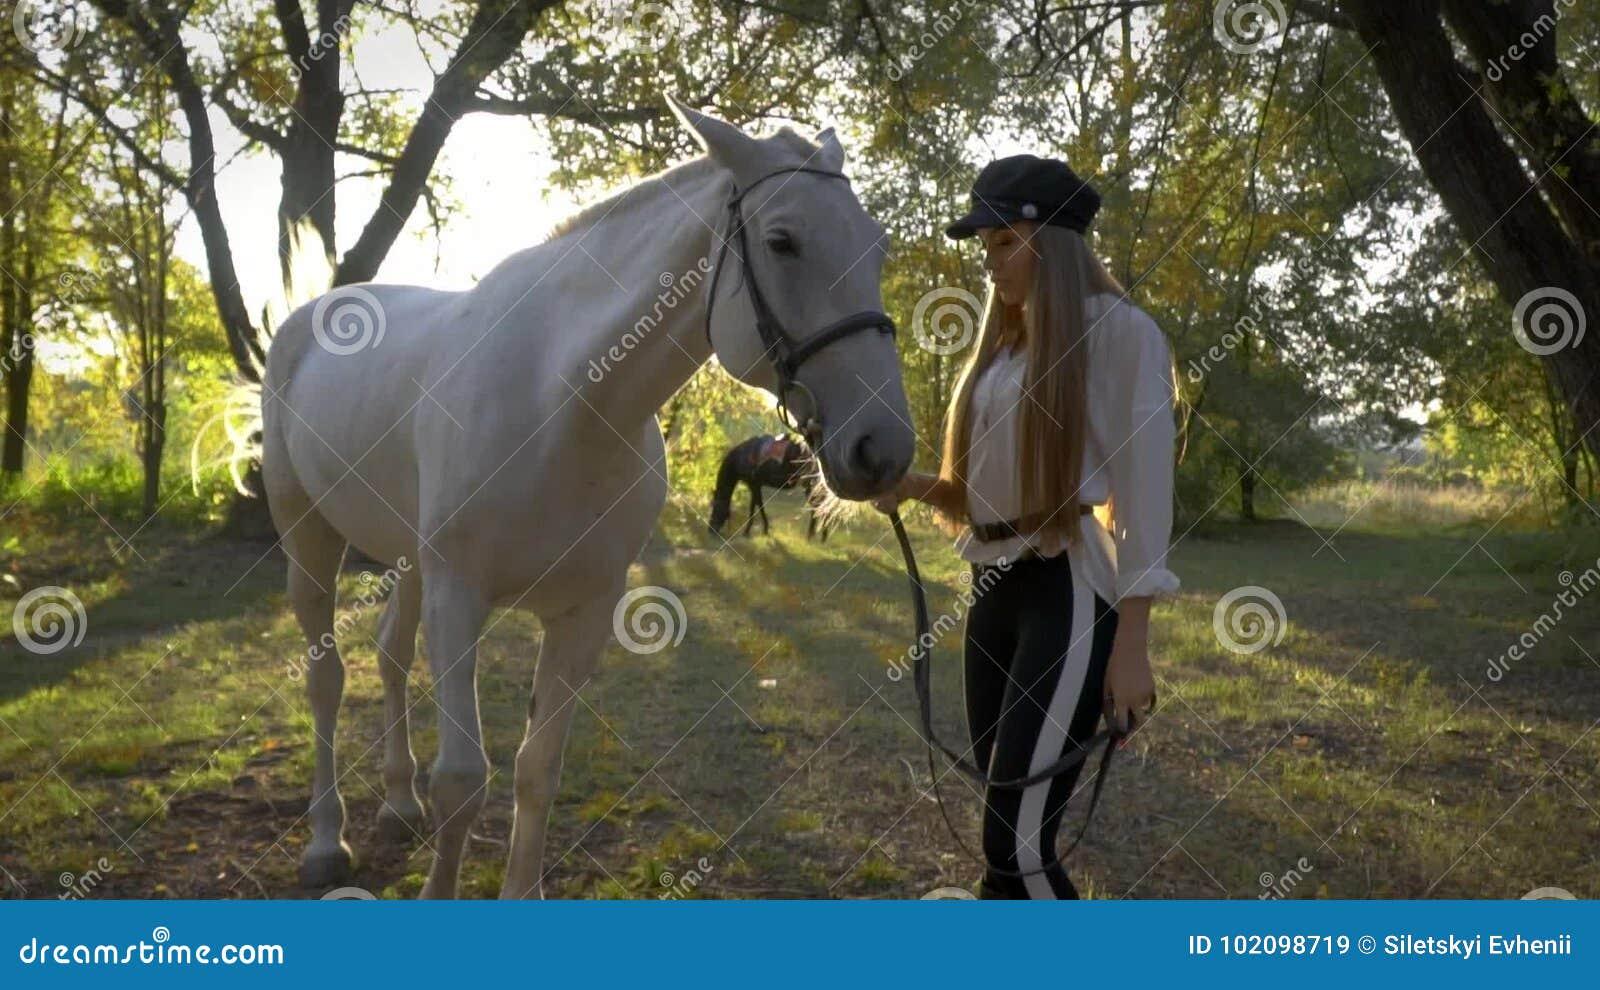 Zapatillas para acrobacias con caballos